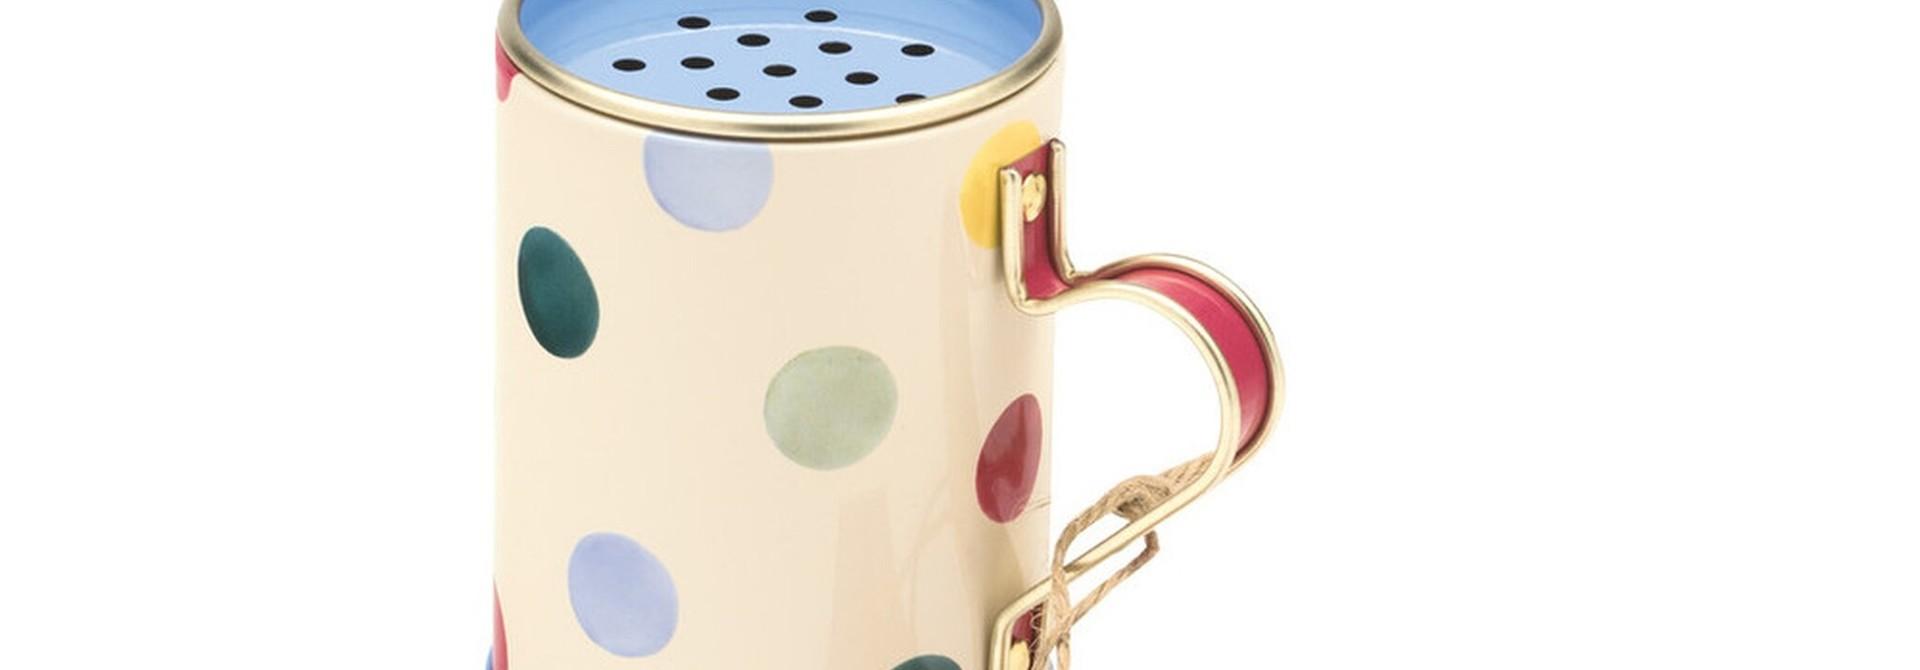 Baking Duster - Polka Dot